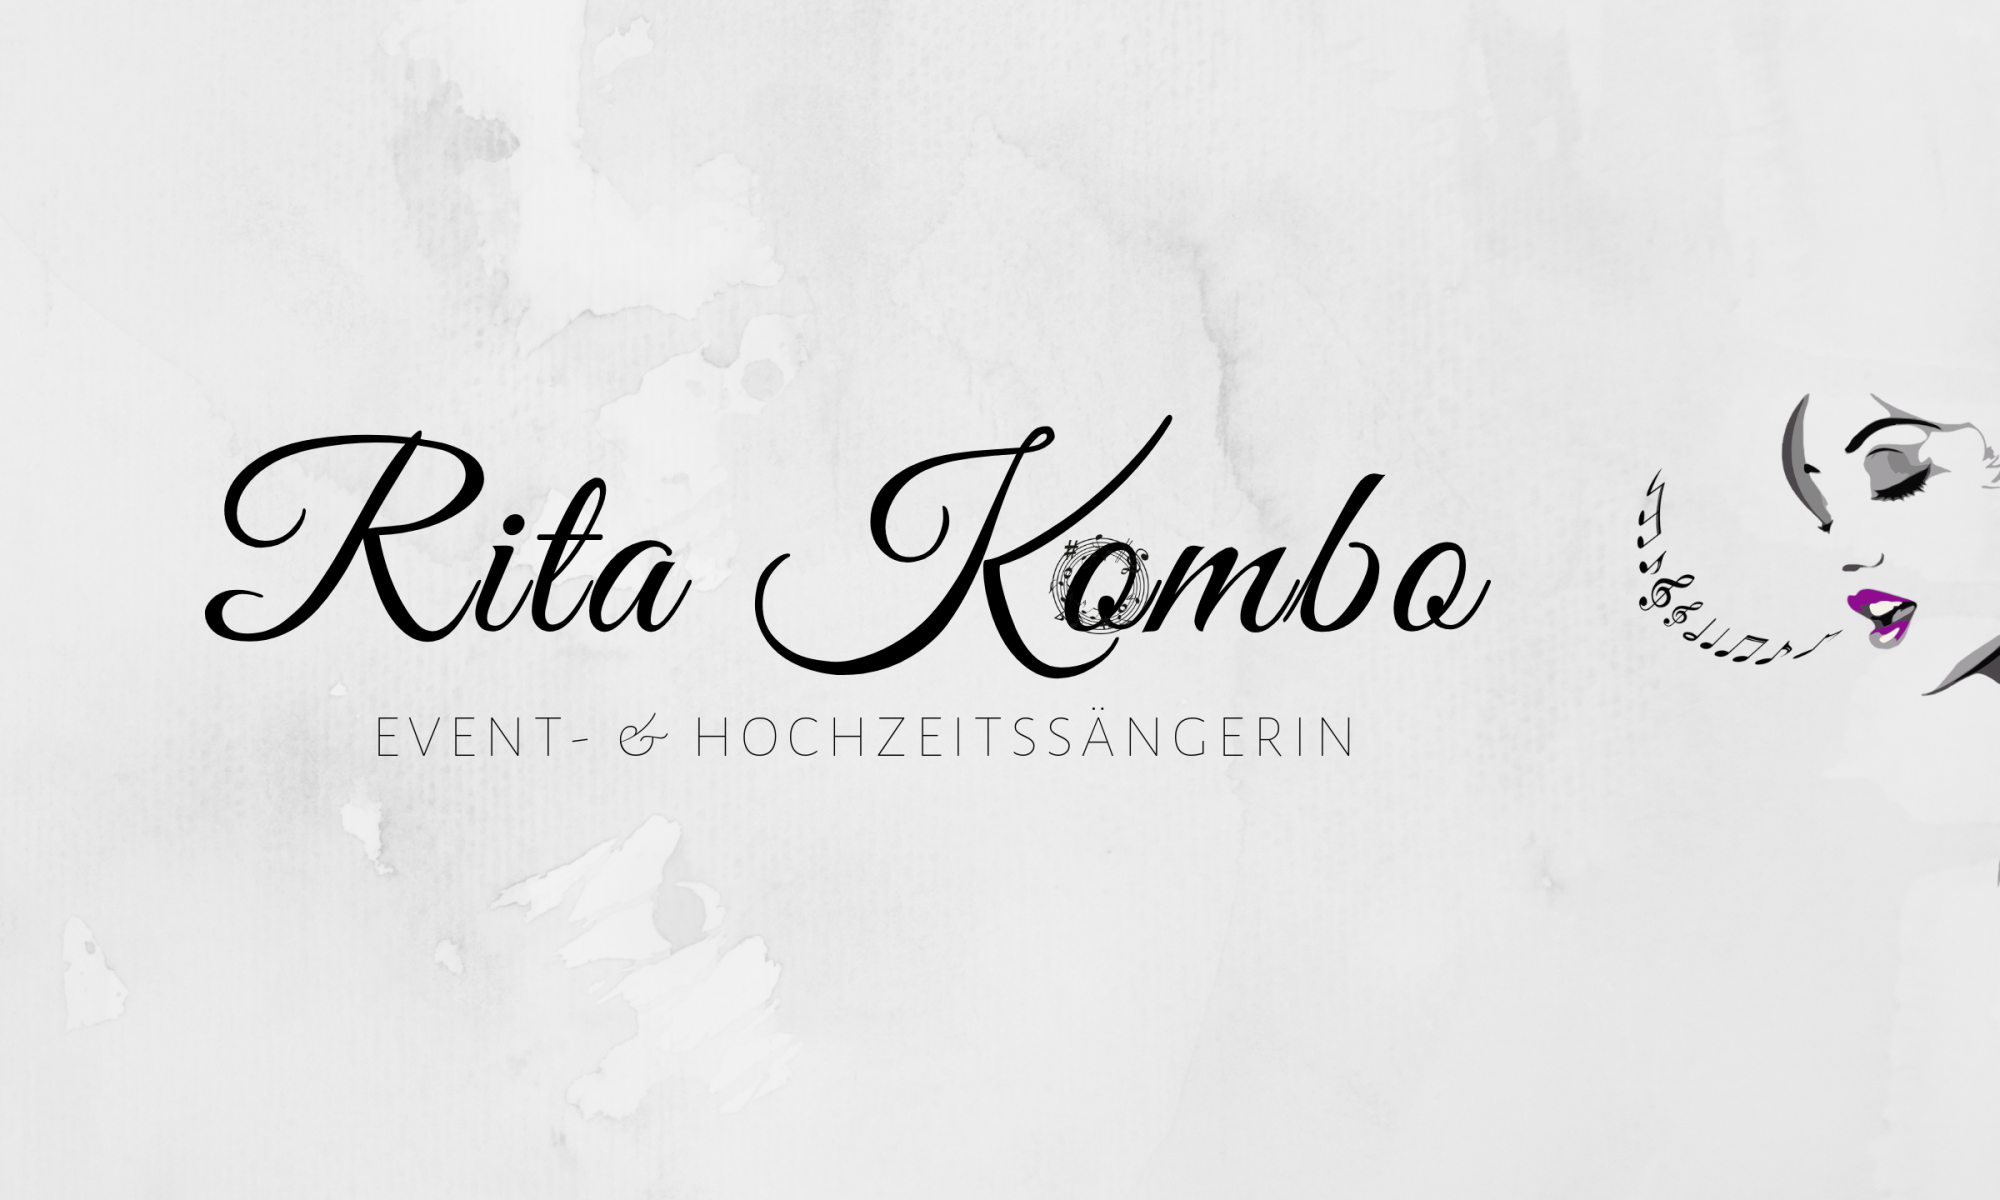 Rita Kombo Event- & Hochzeitssängerin